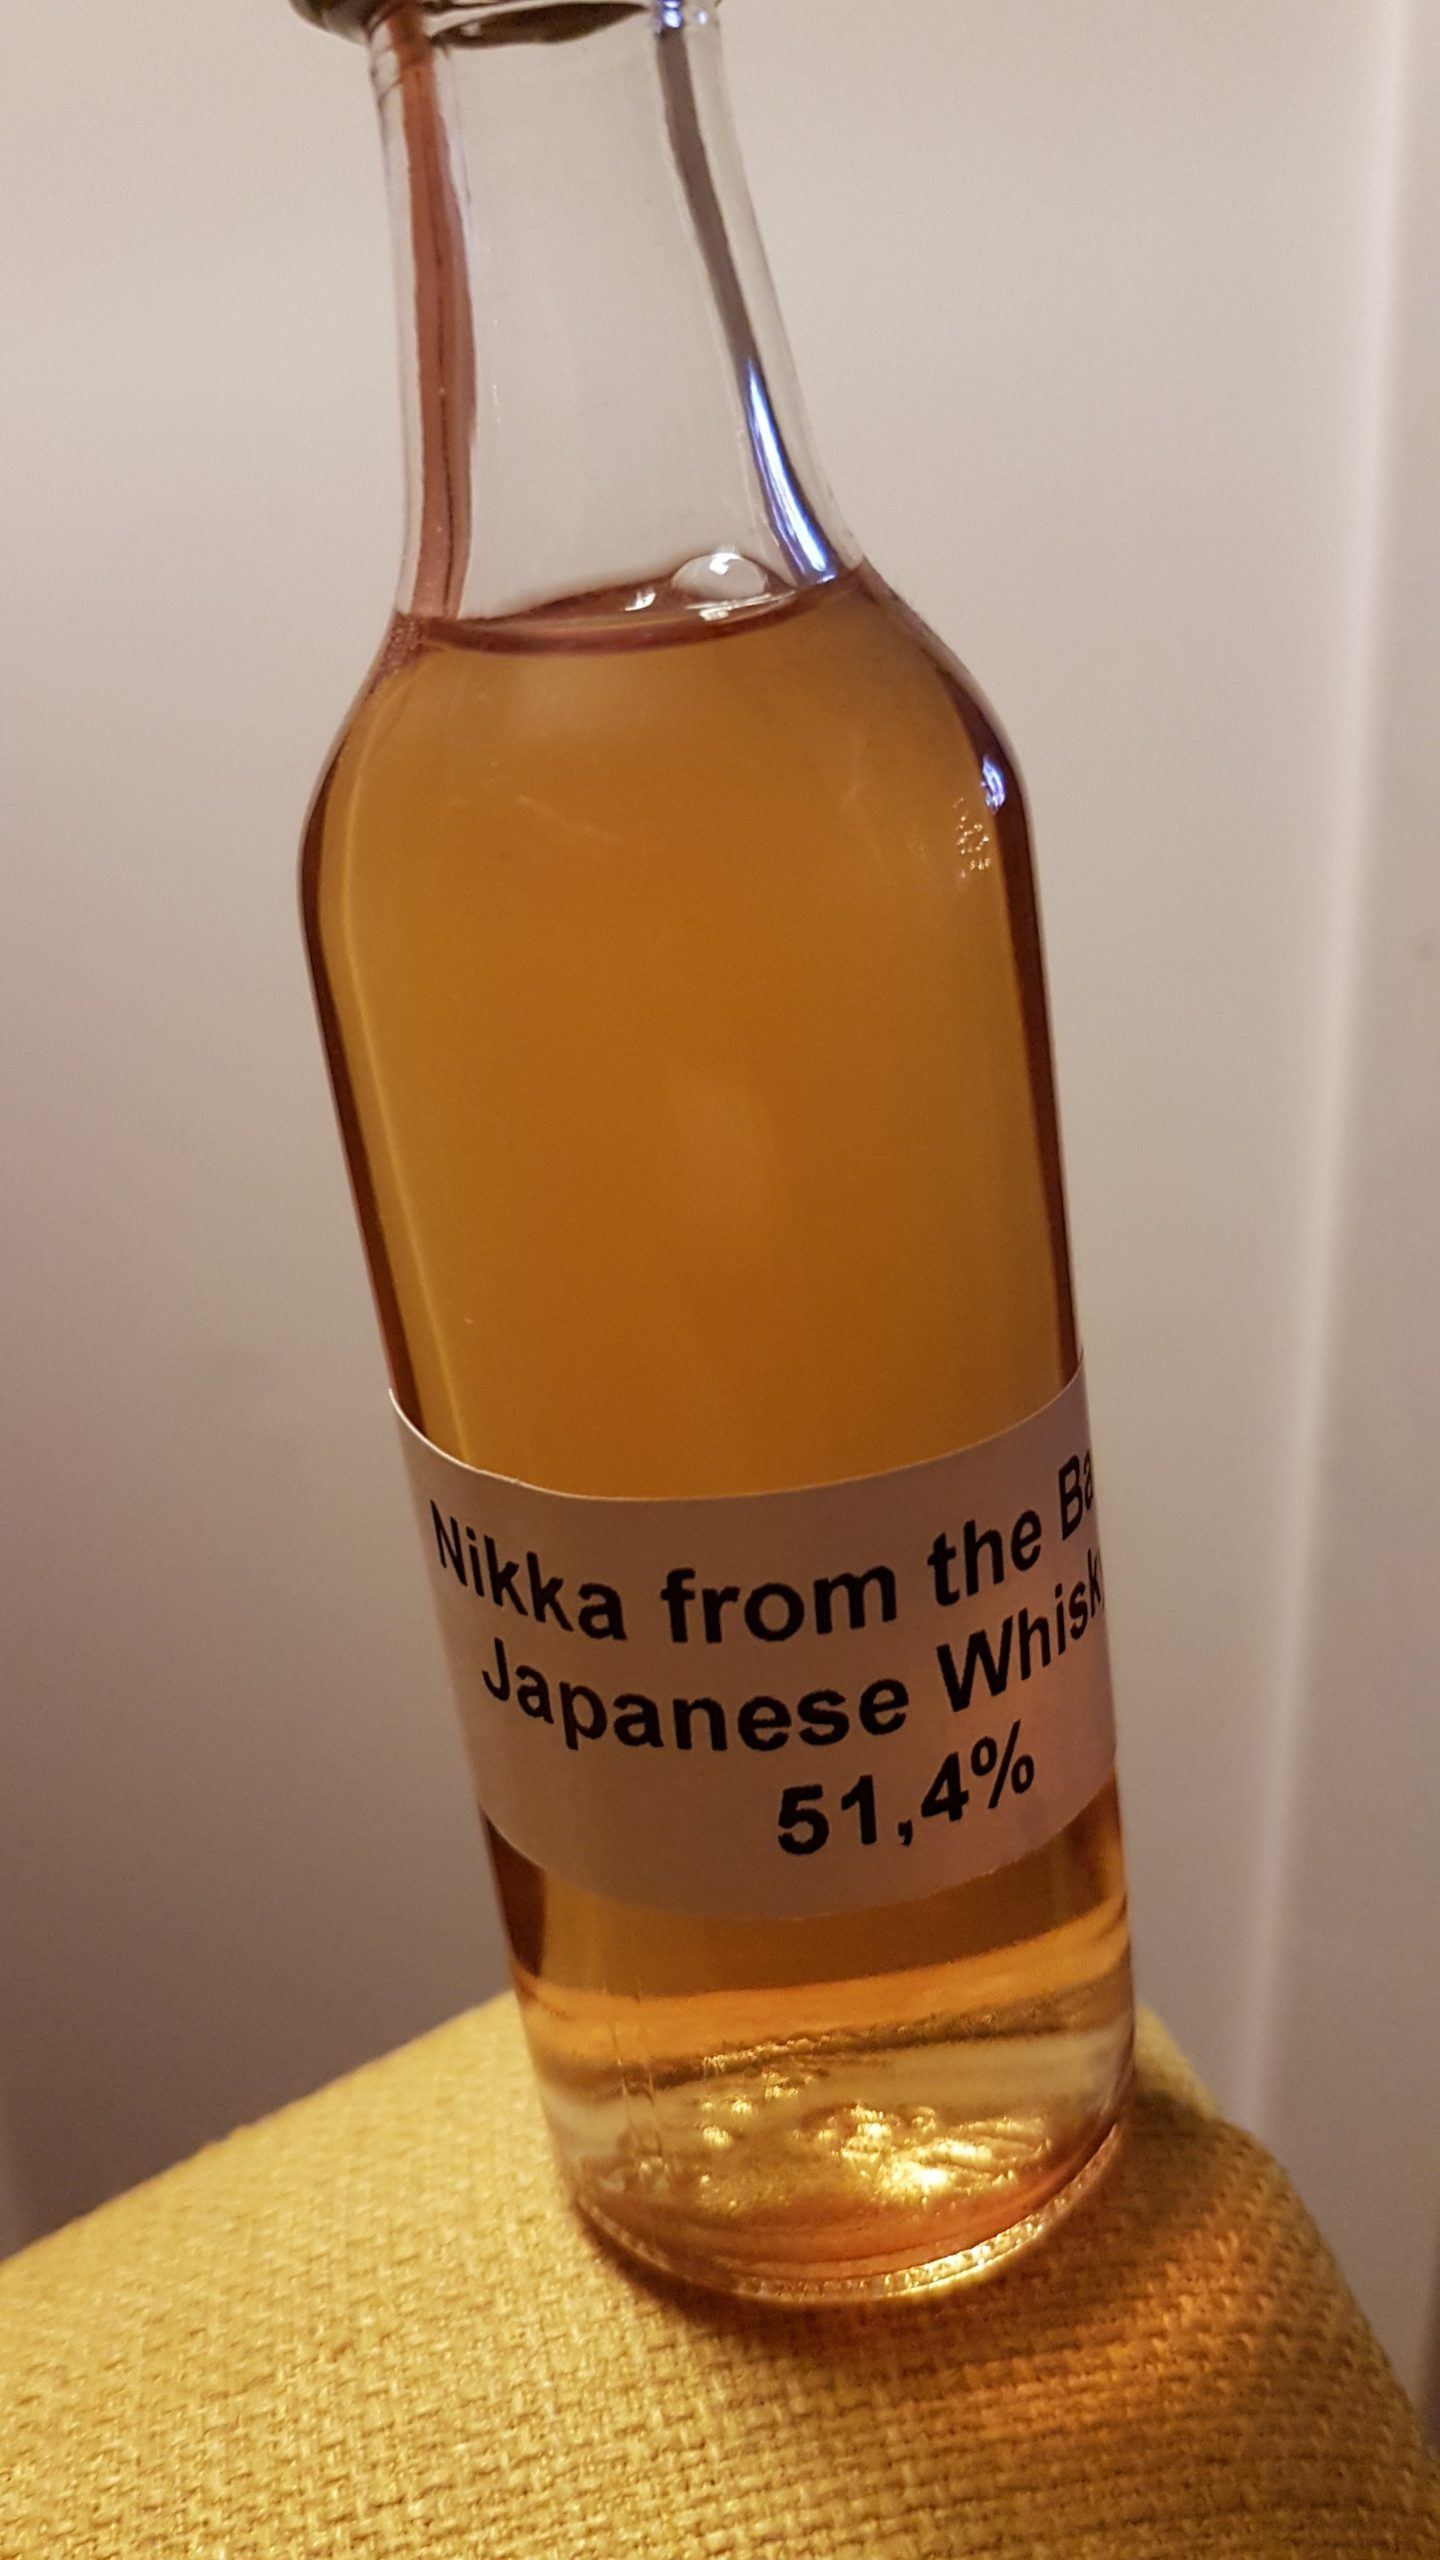 Nikka From The Barrel Japanese Blended Whisky